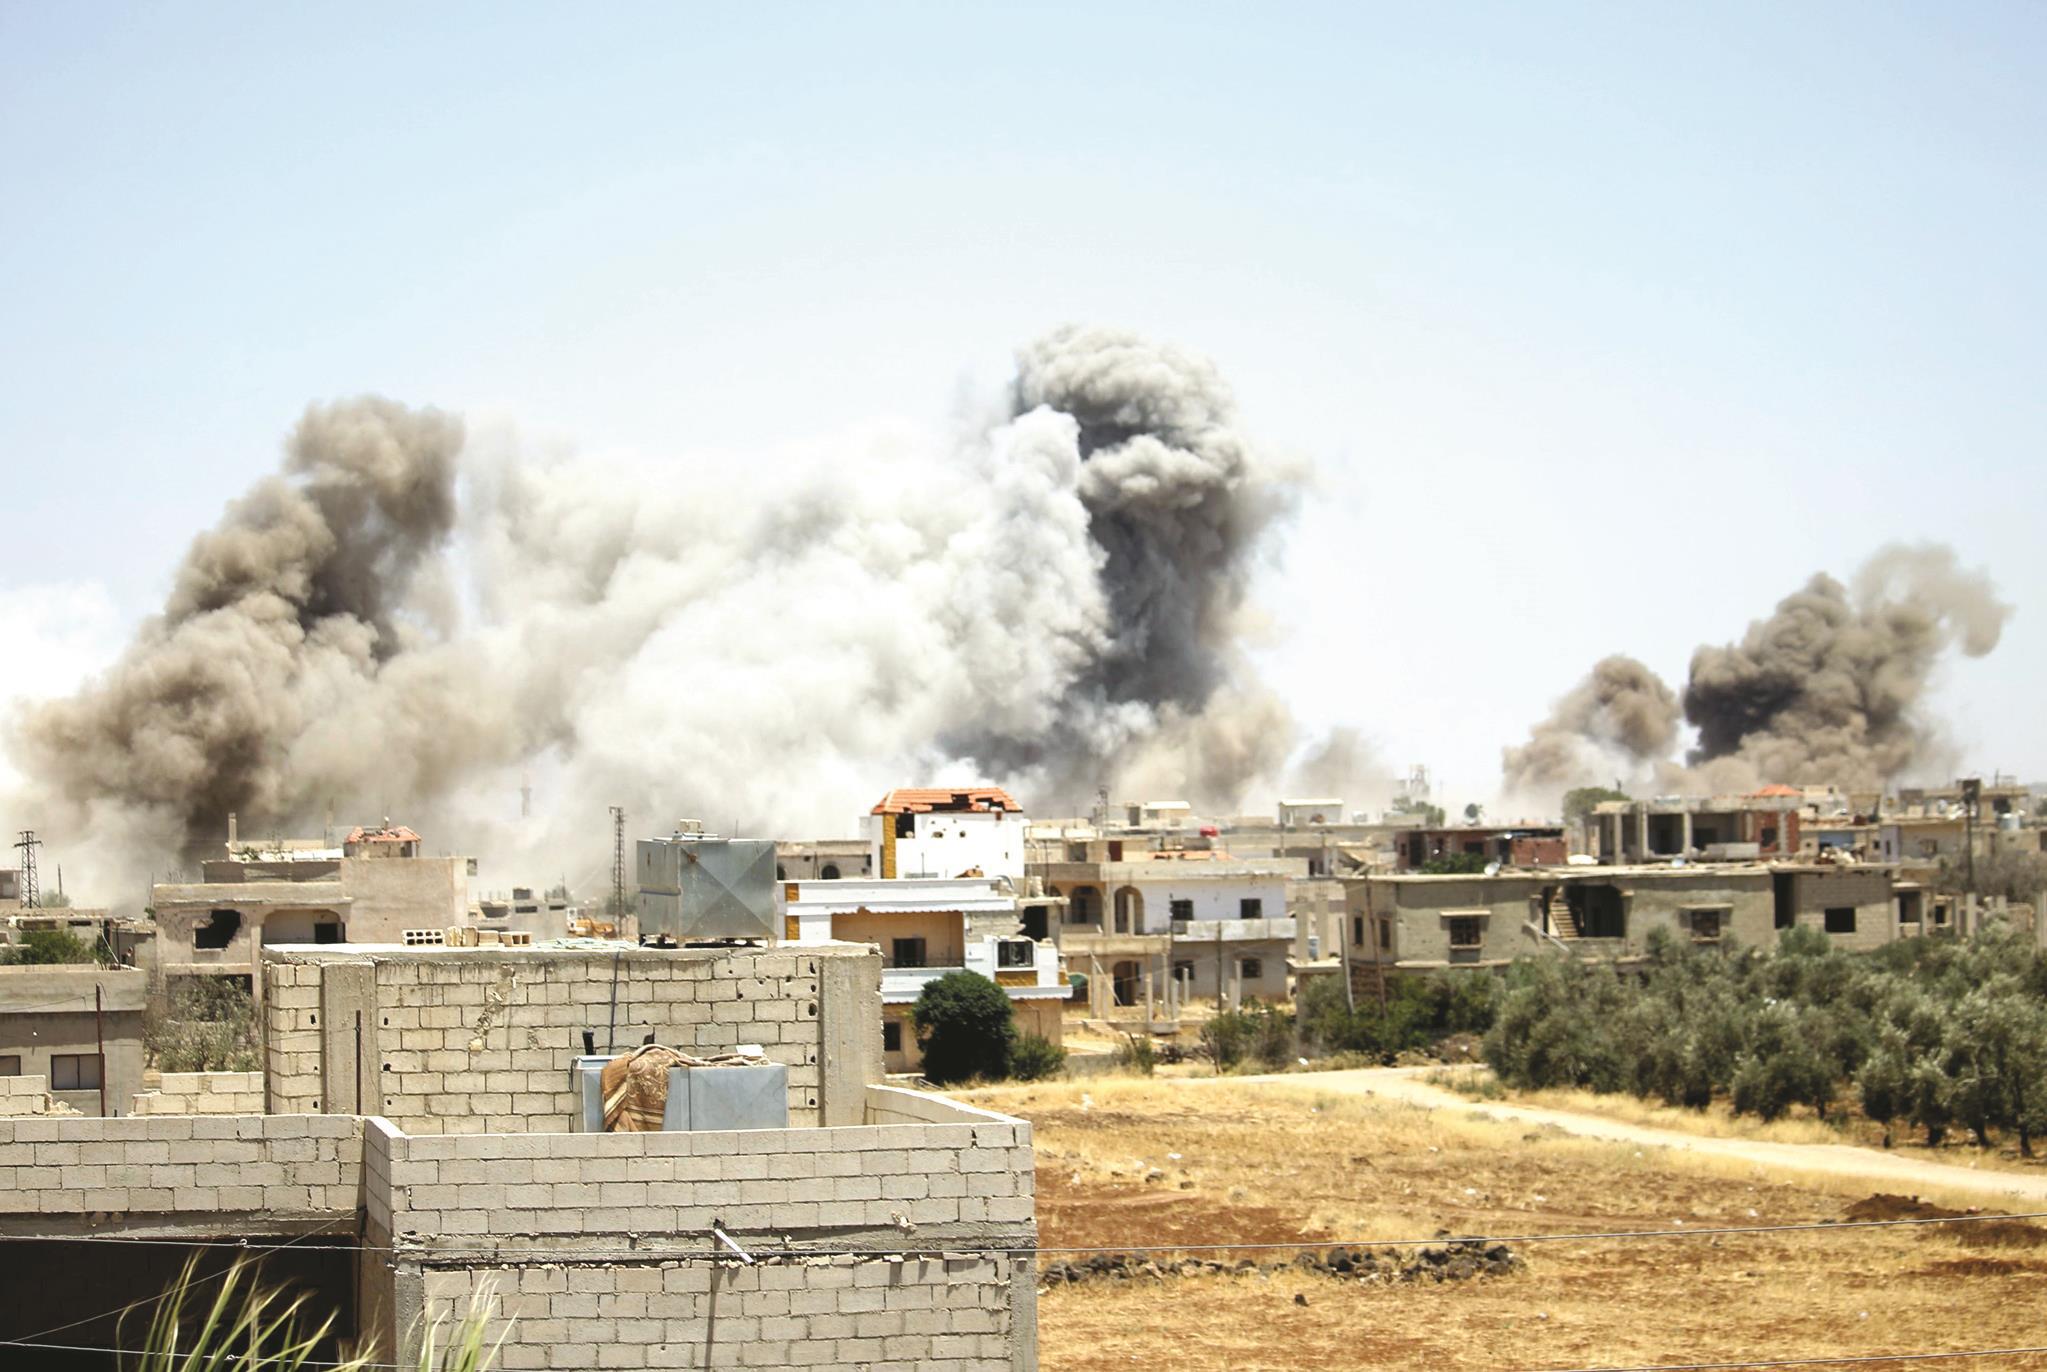 درعا : المعارضة تتهم روسيا بمحاولة اغتيال وفدها المفاوض  ..  تفاصيل